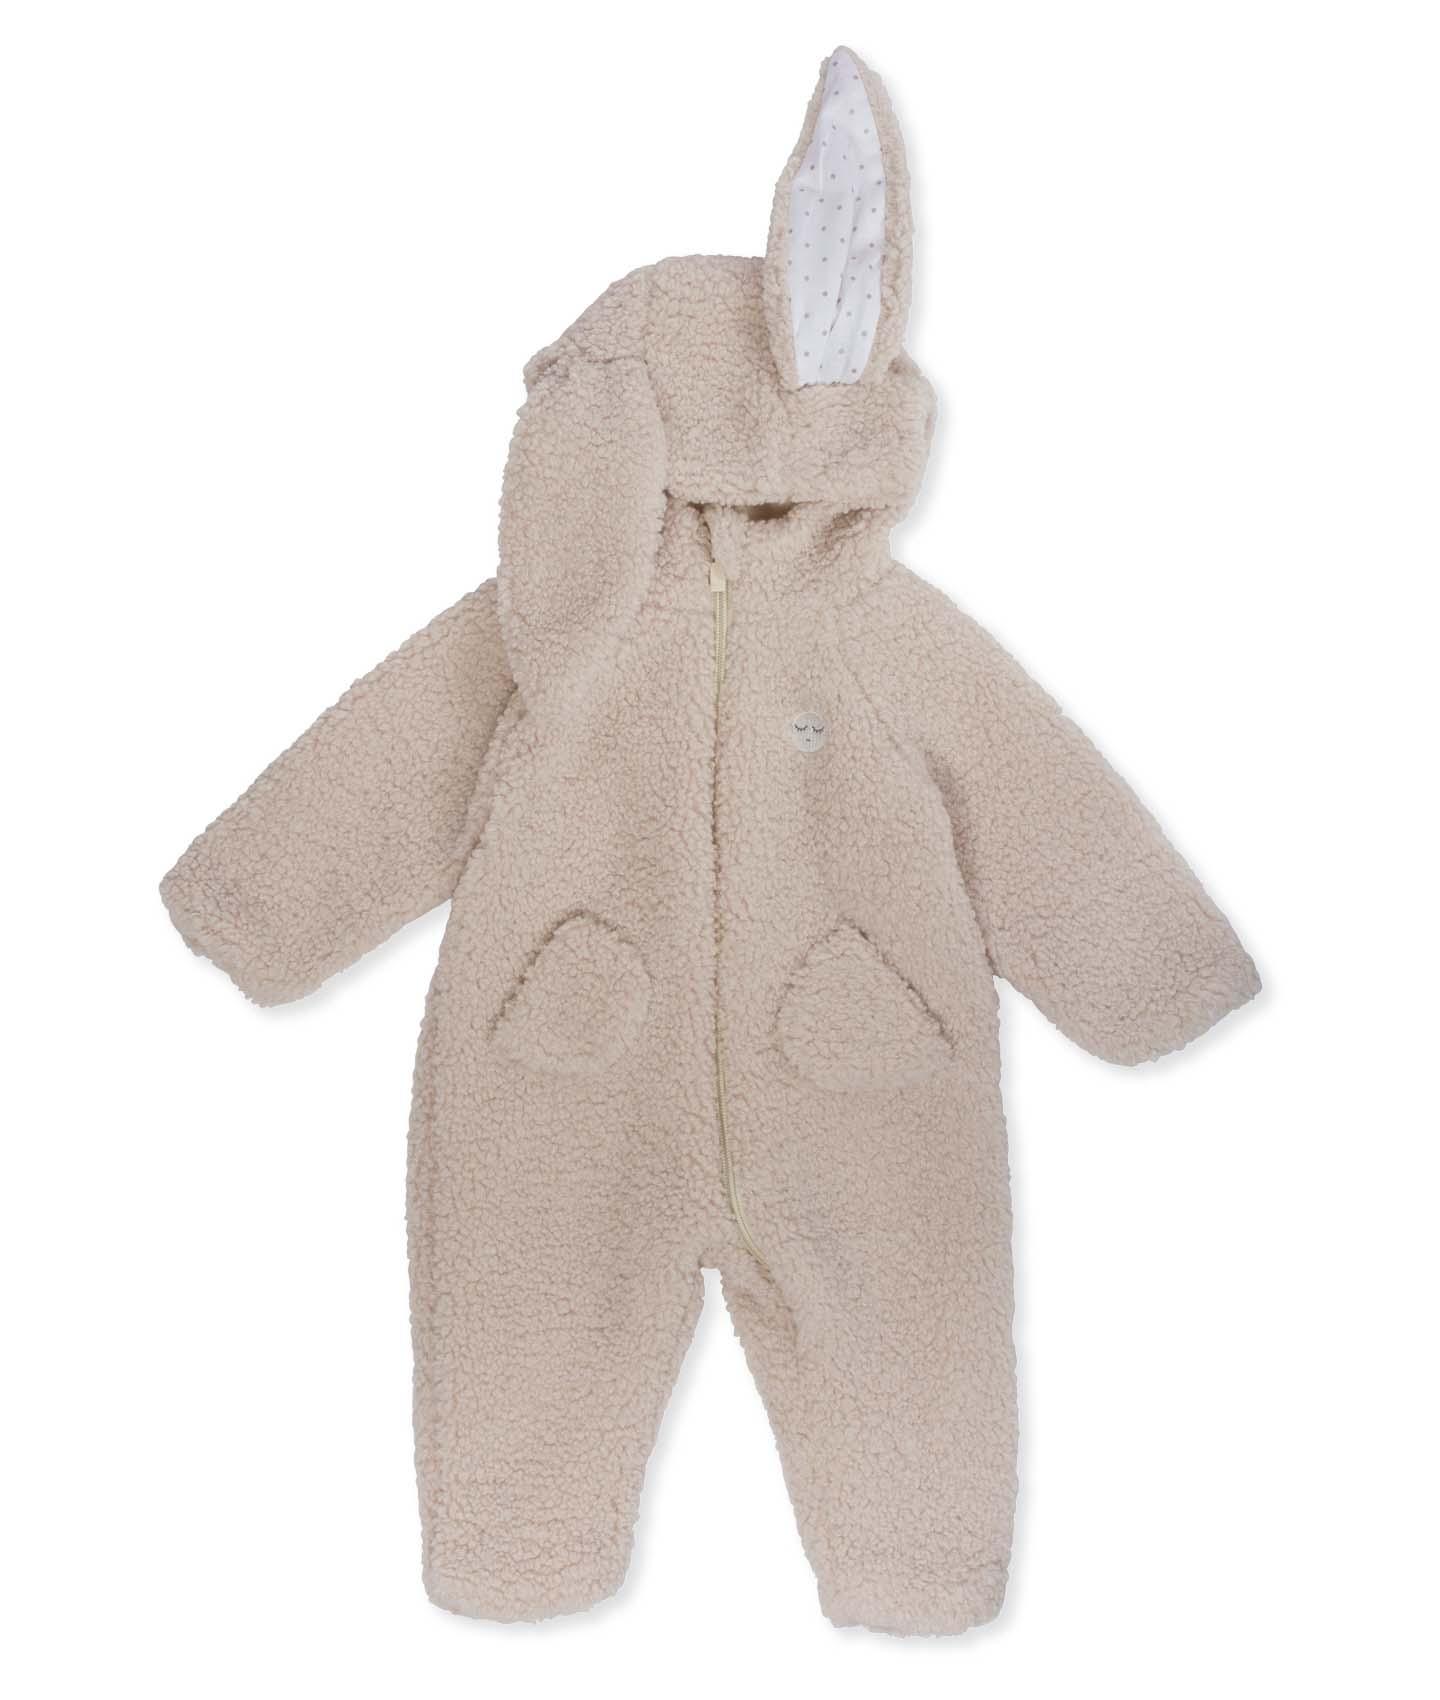 Livly Fleece Bunny Overall